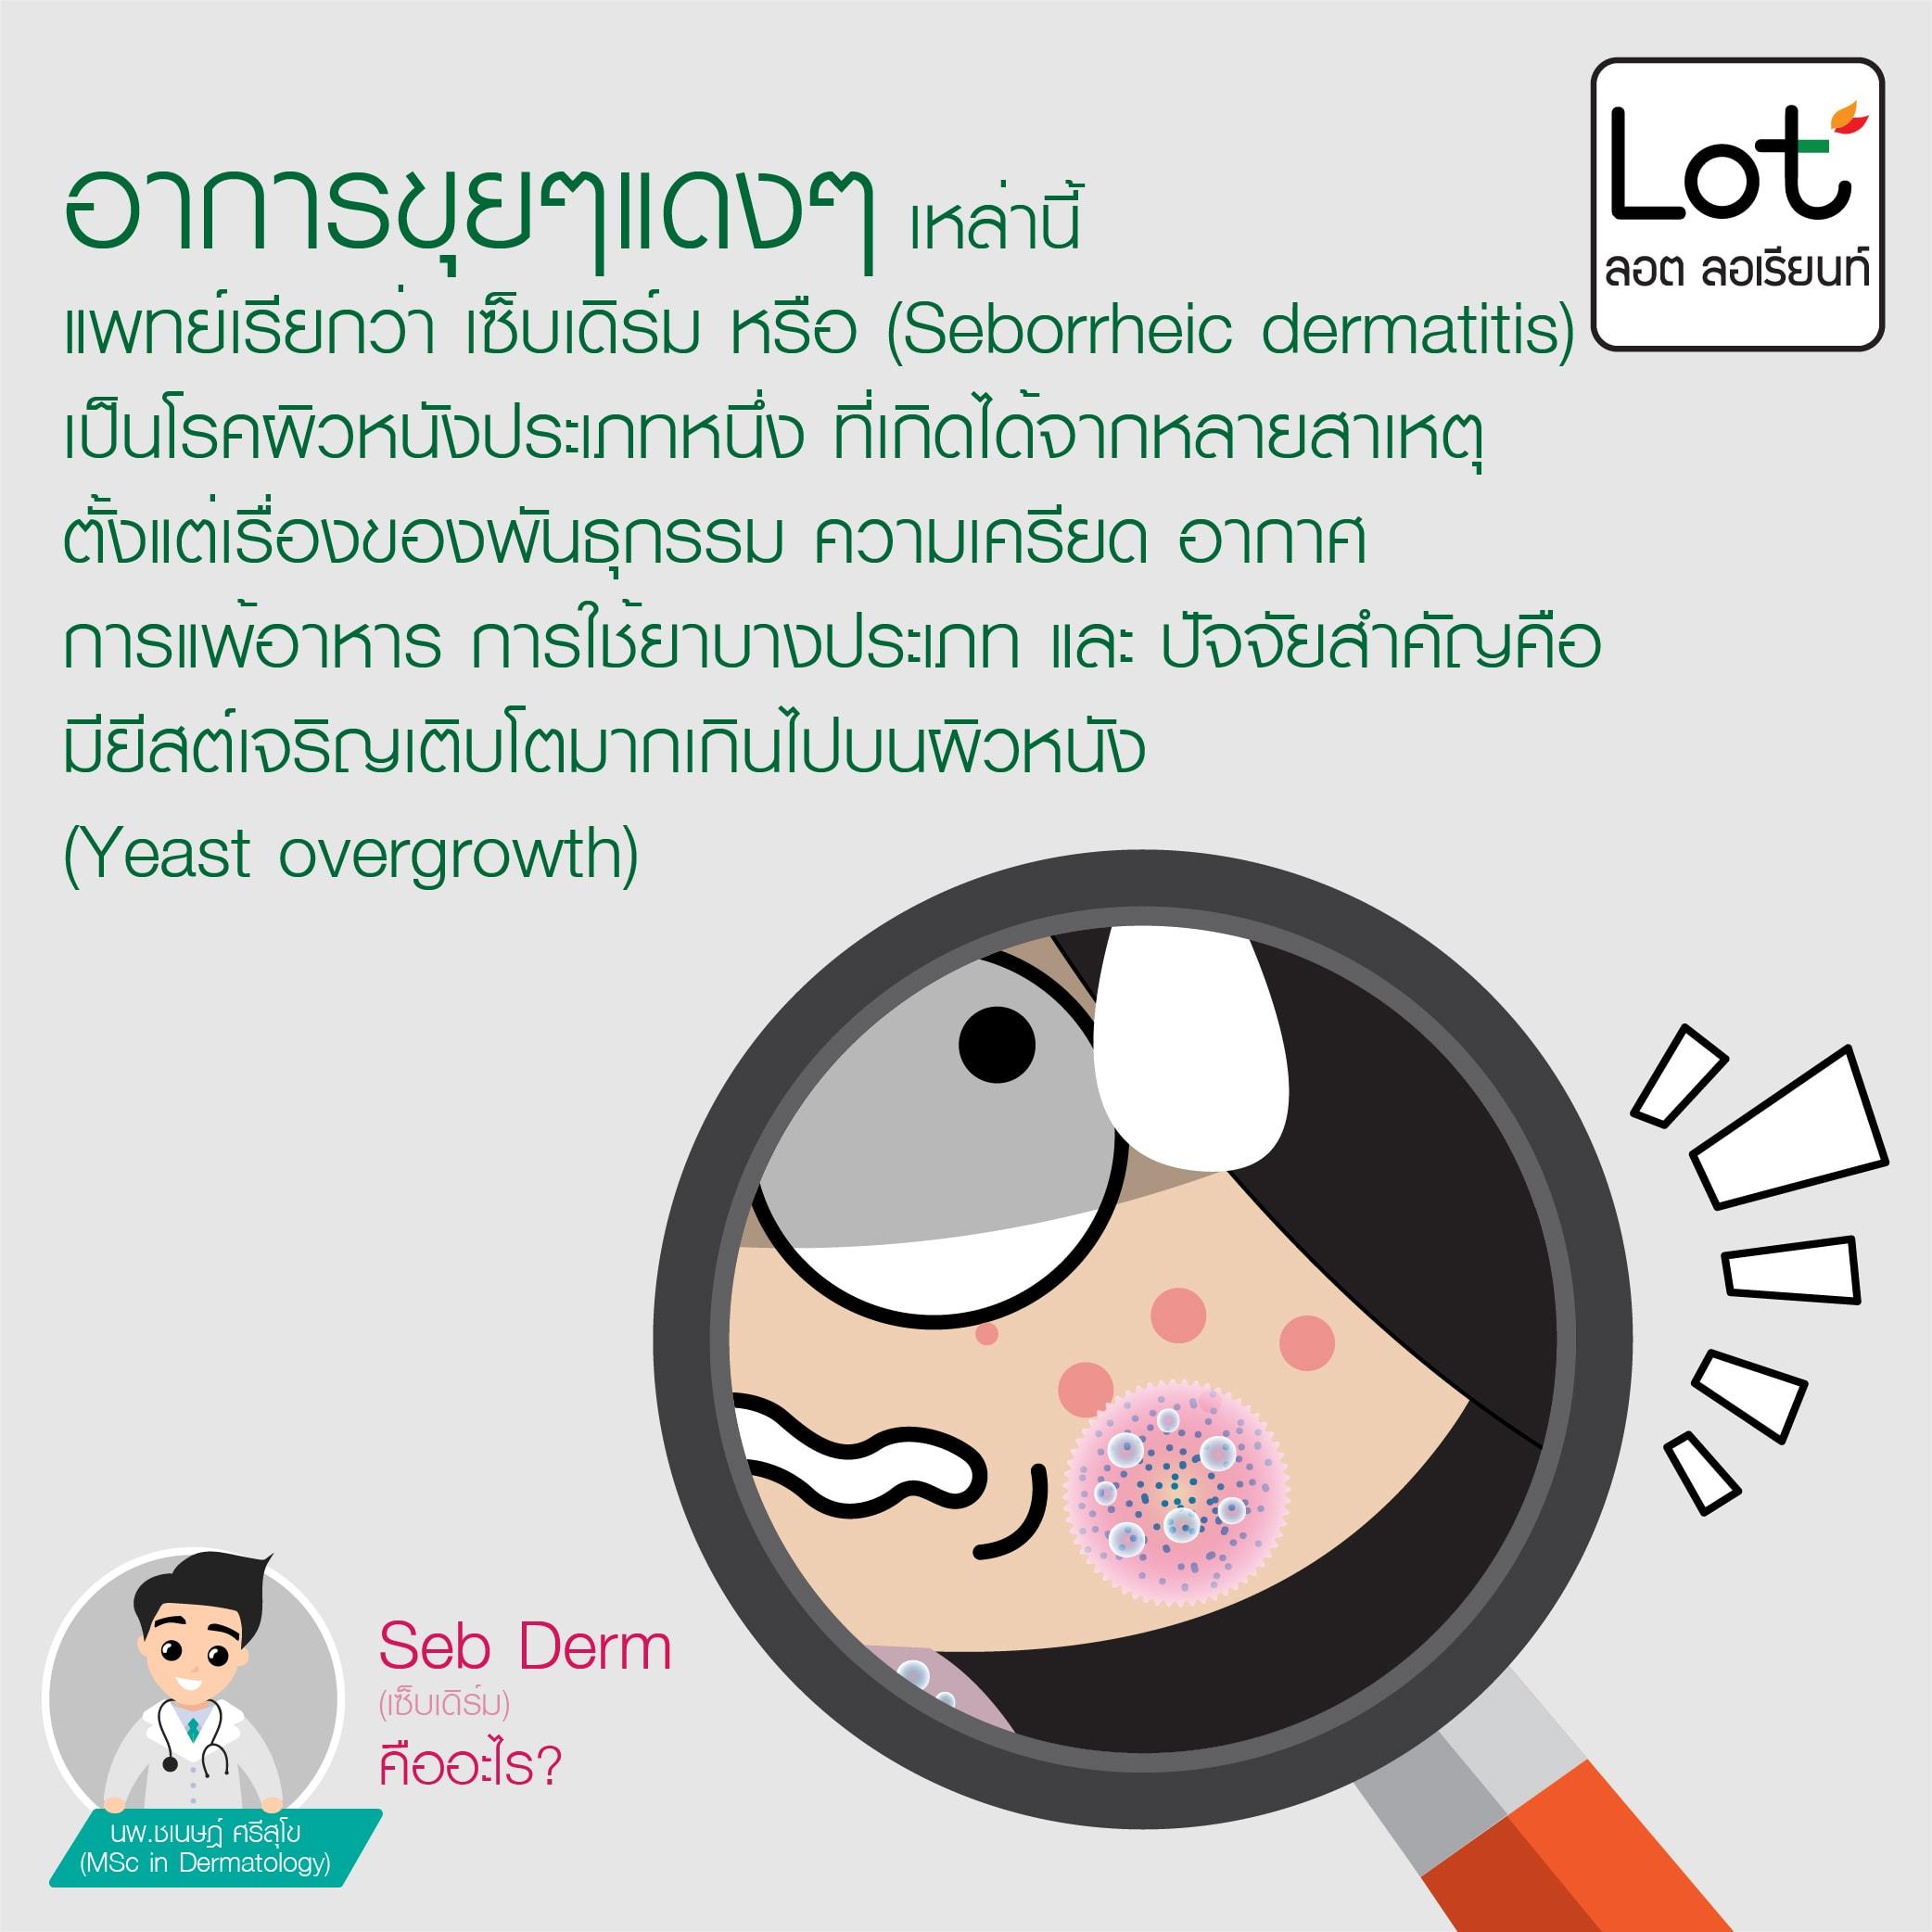 seborrheic dermatitis, เซ็บเดิร์ม, ลอต ลอเรียนท์